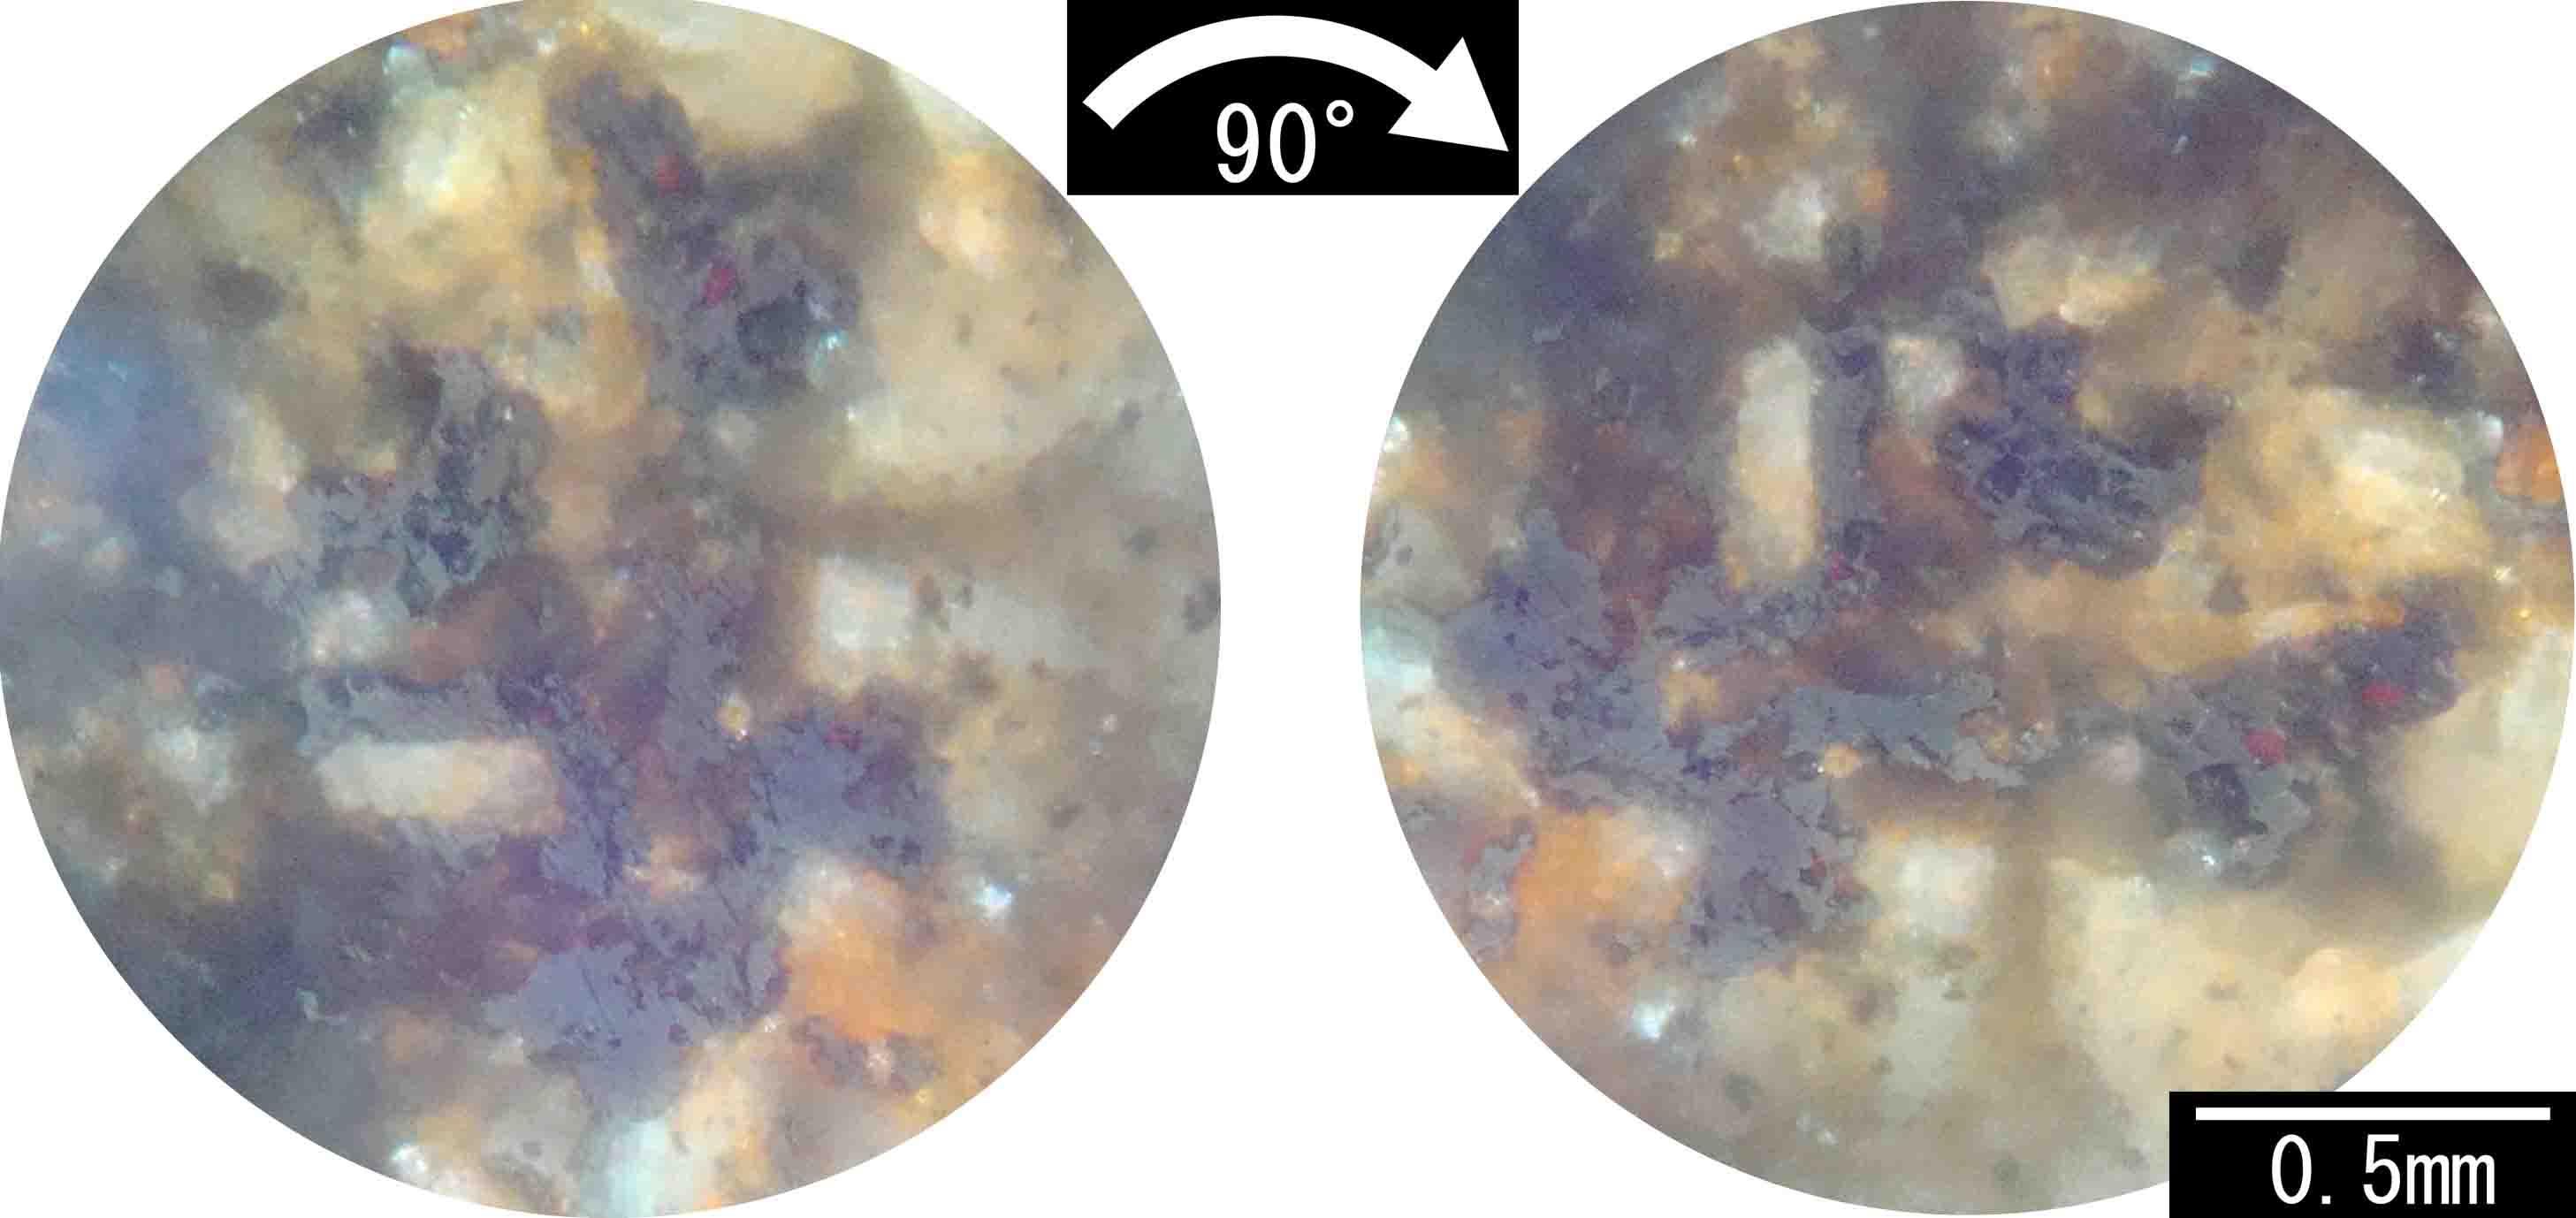 褐鉄鉱 limonite